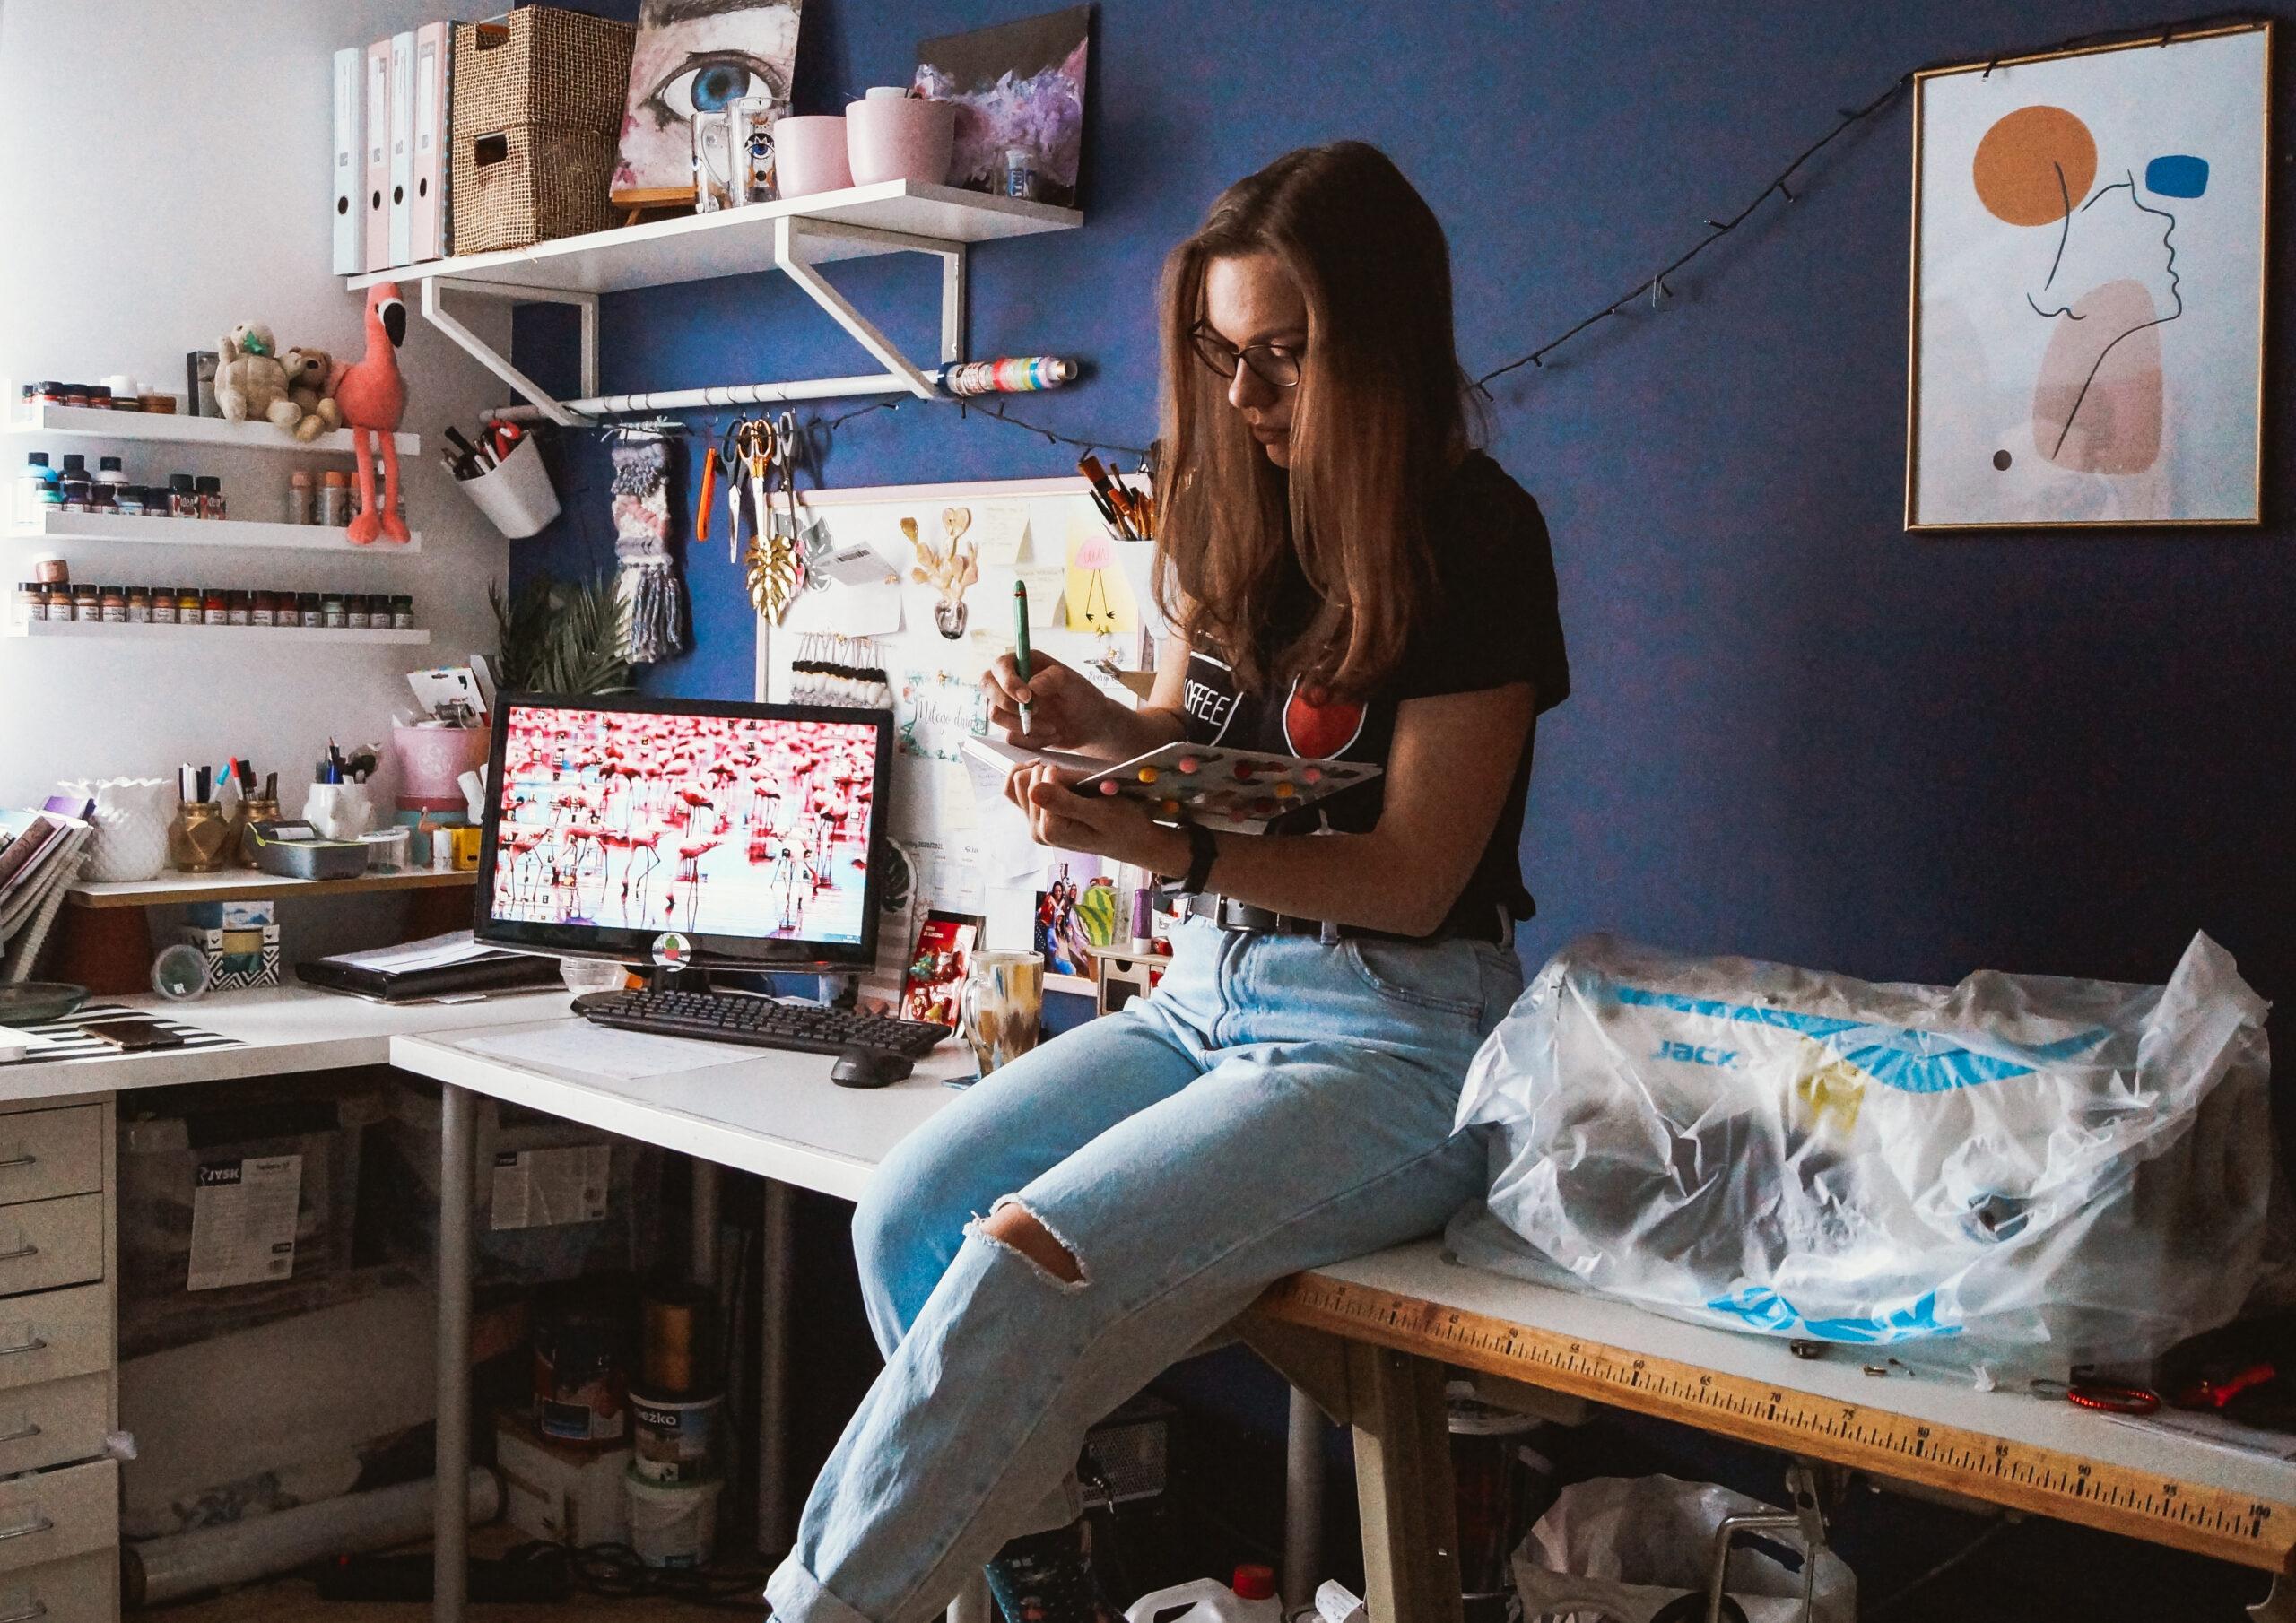 Kobieta siedząca na biurku, rysująca w zeszycie